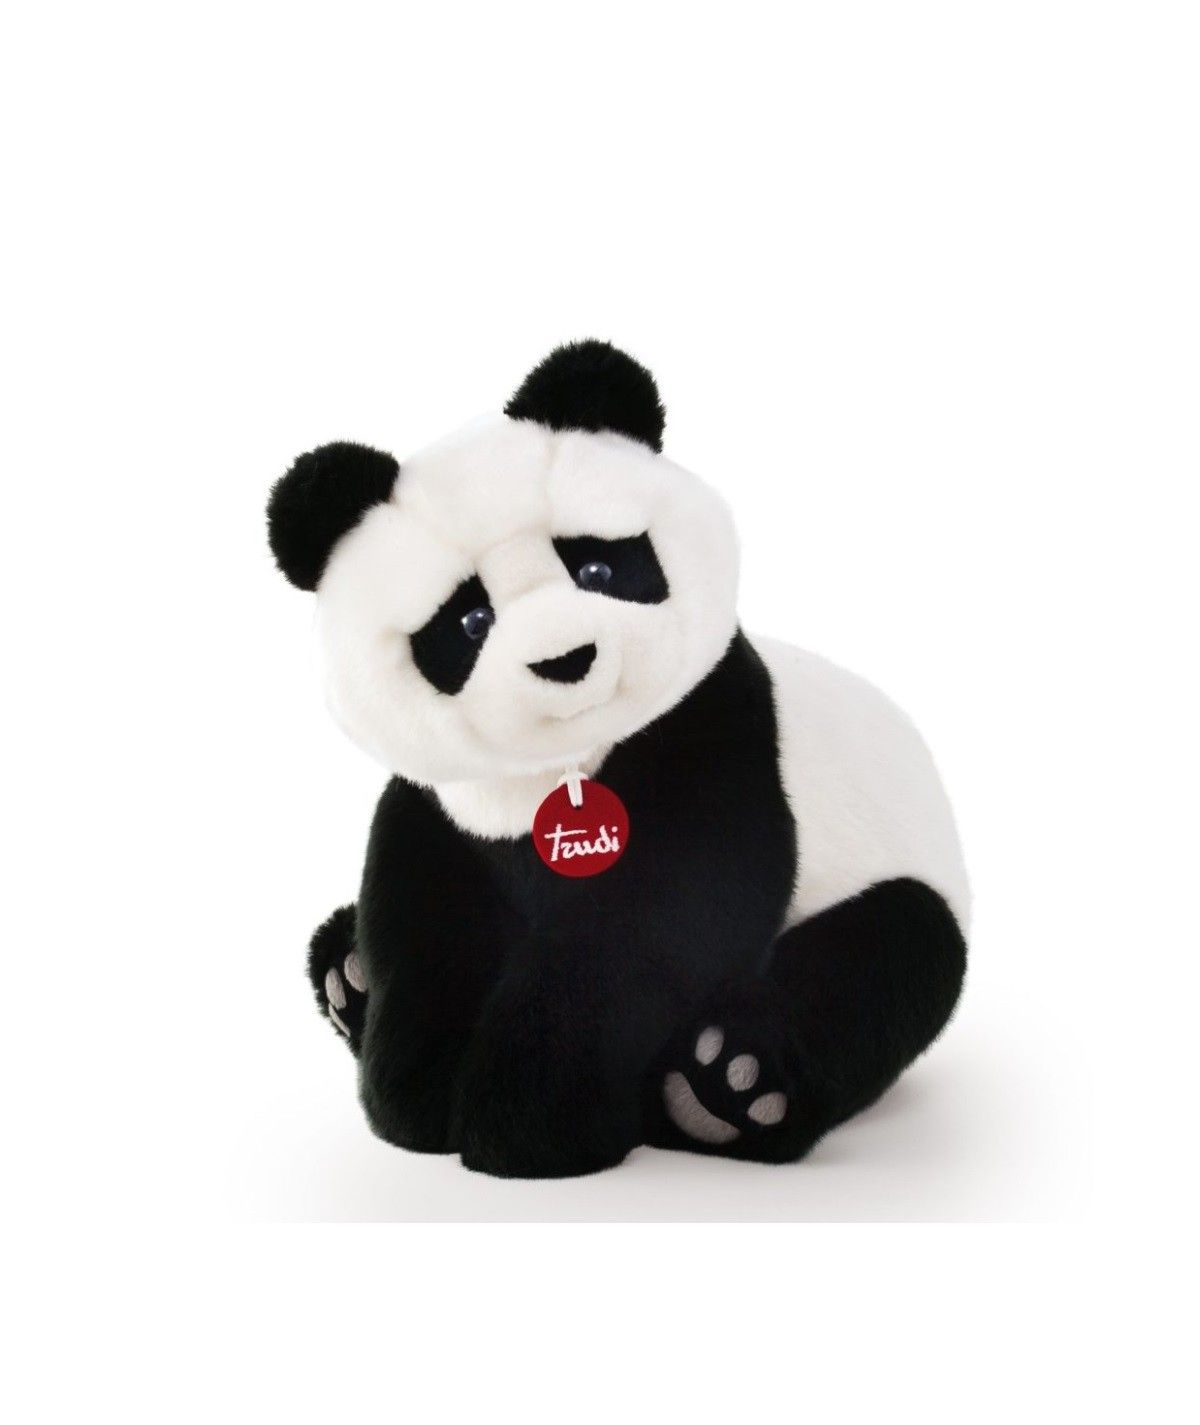 Peluche classico taglia M orso panda Kevin Trudi